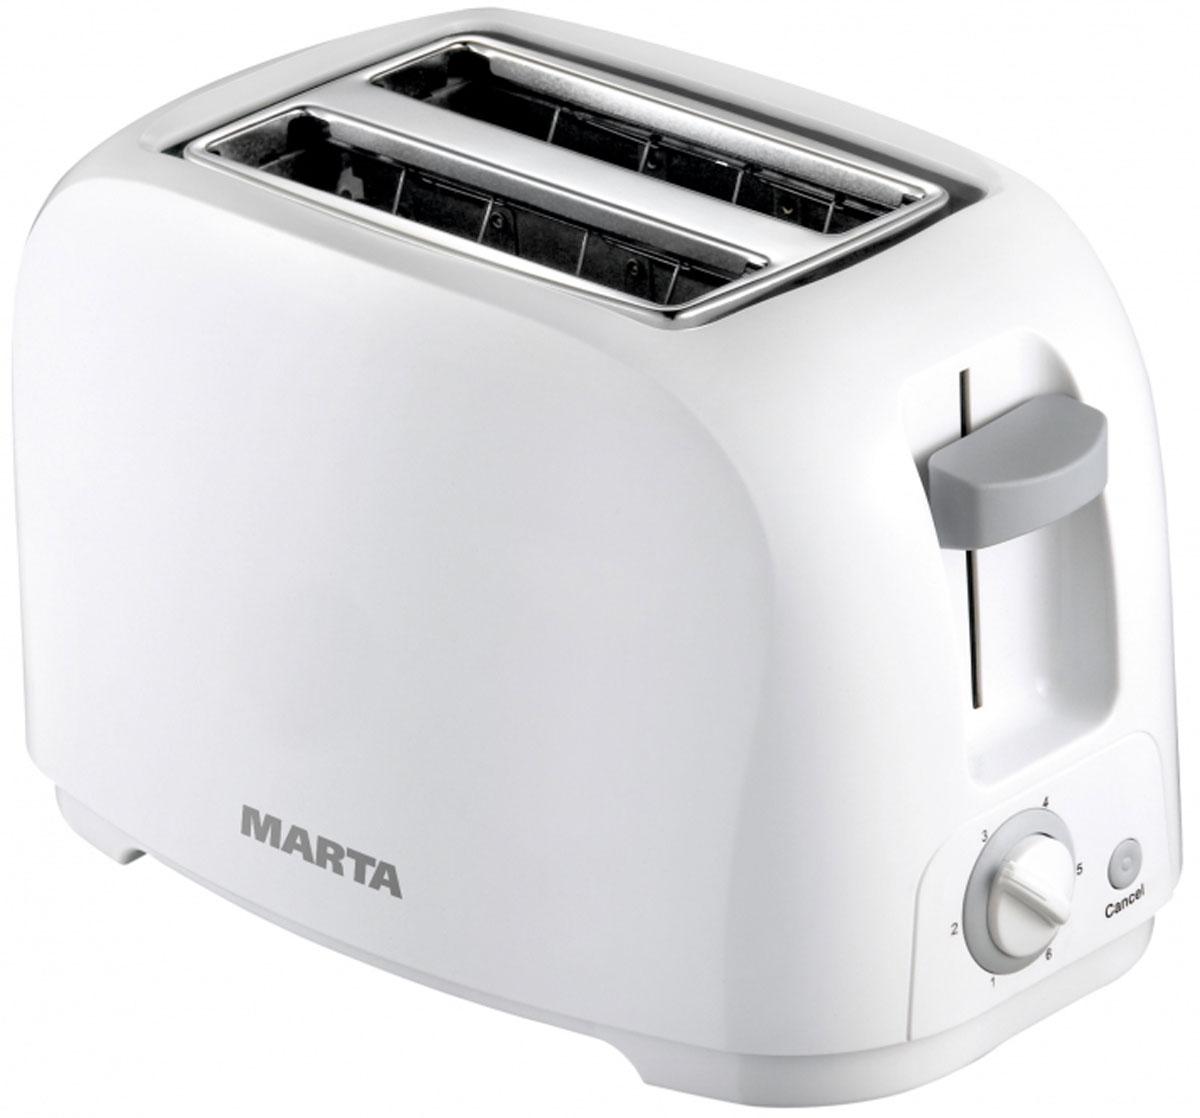 Marta MT-1708, White тостер - Тостеры